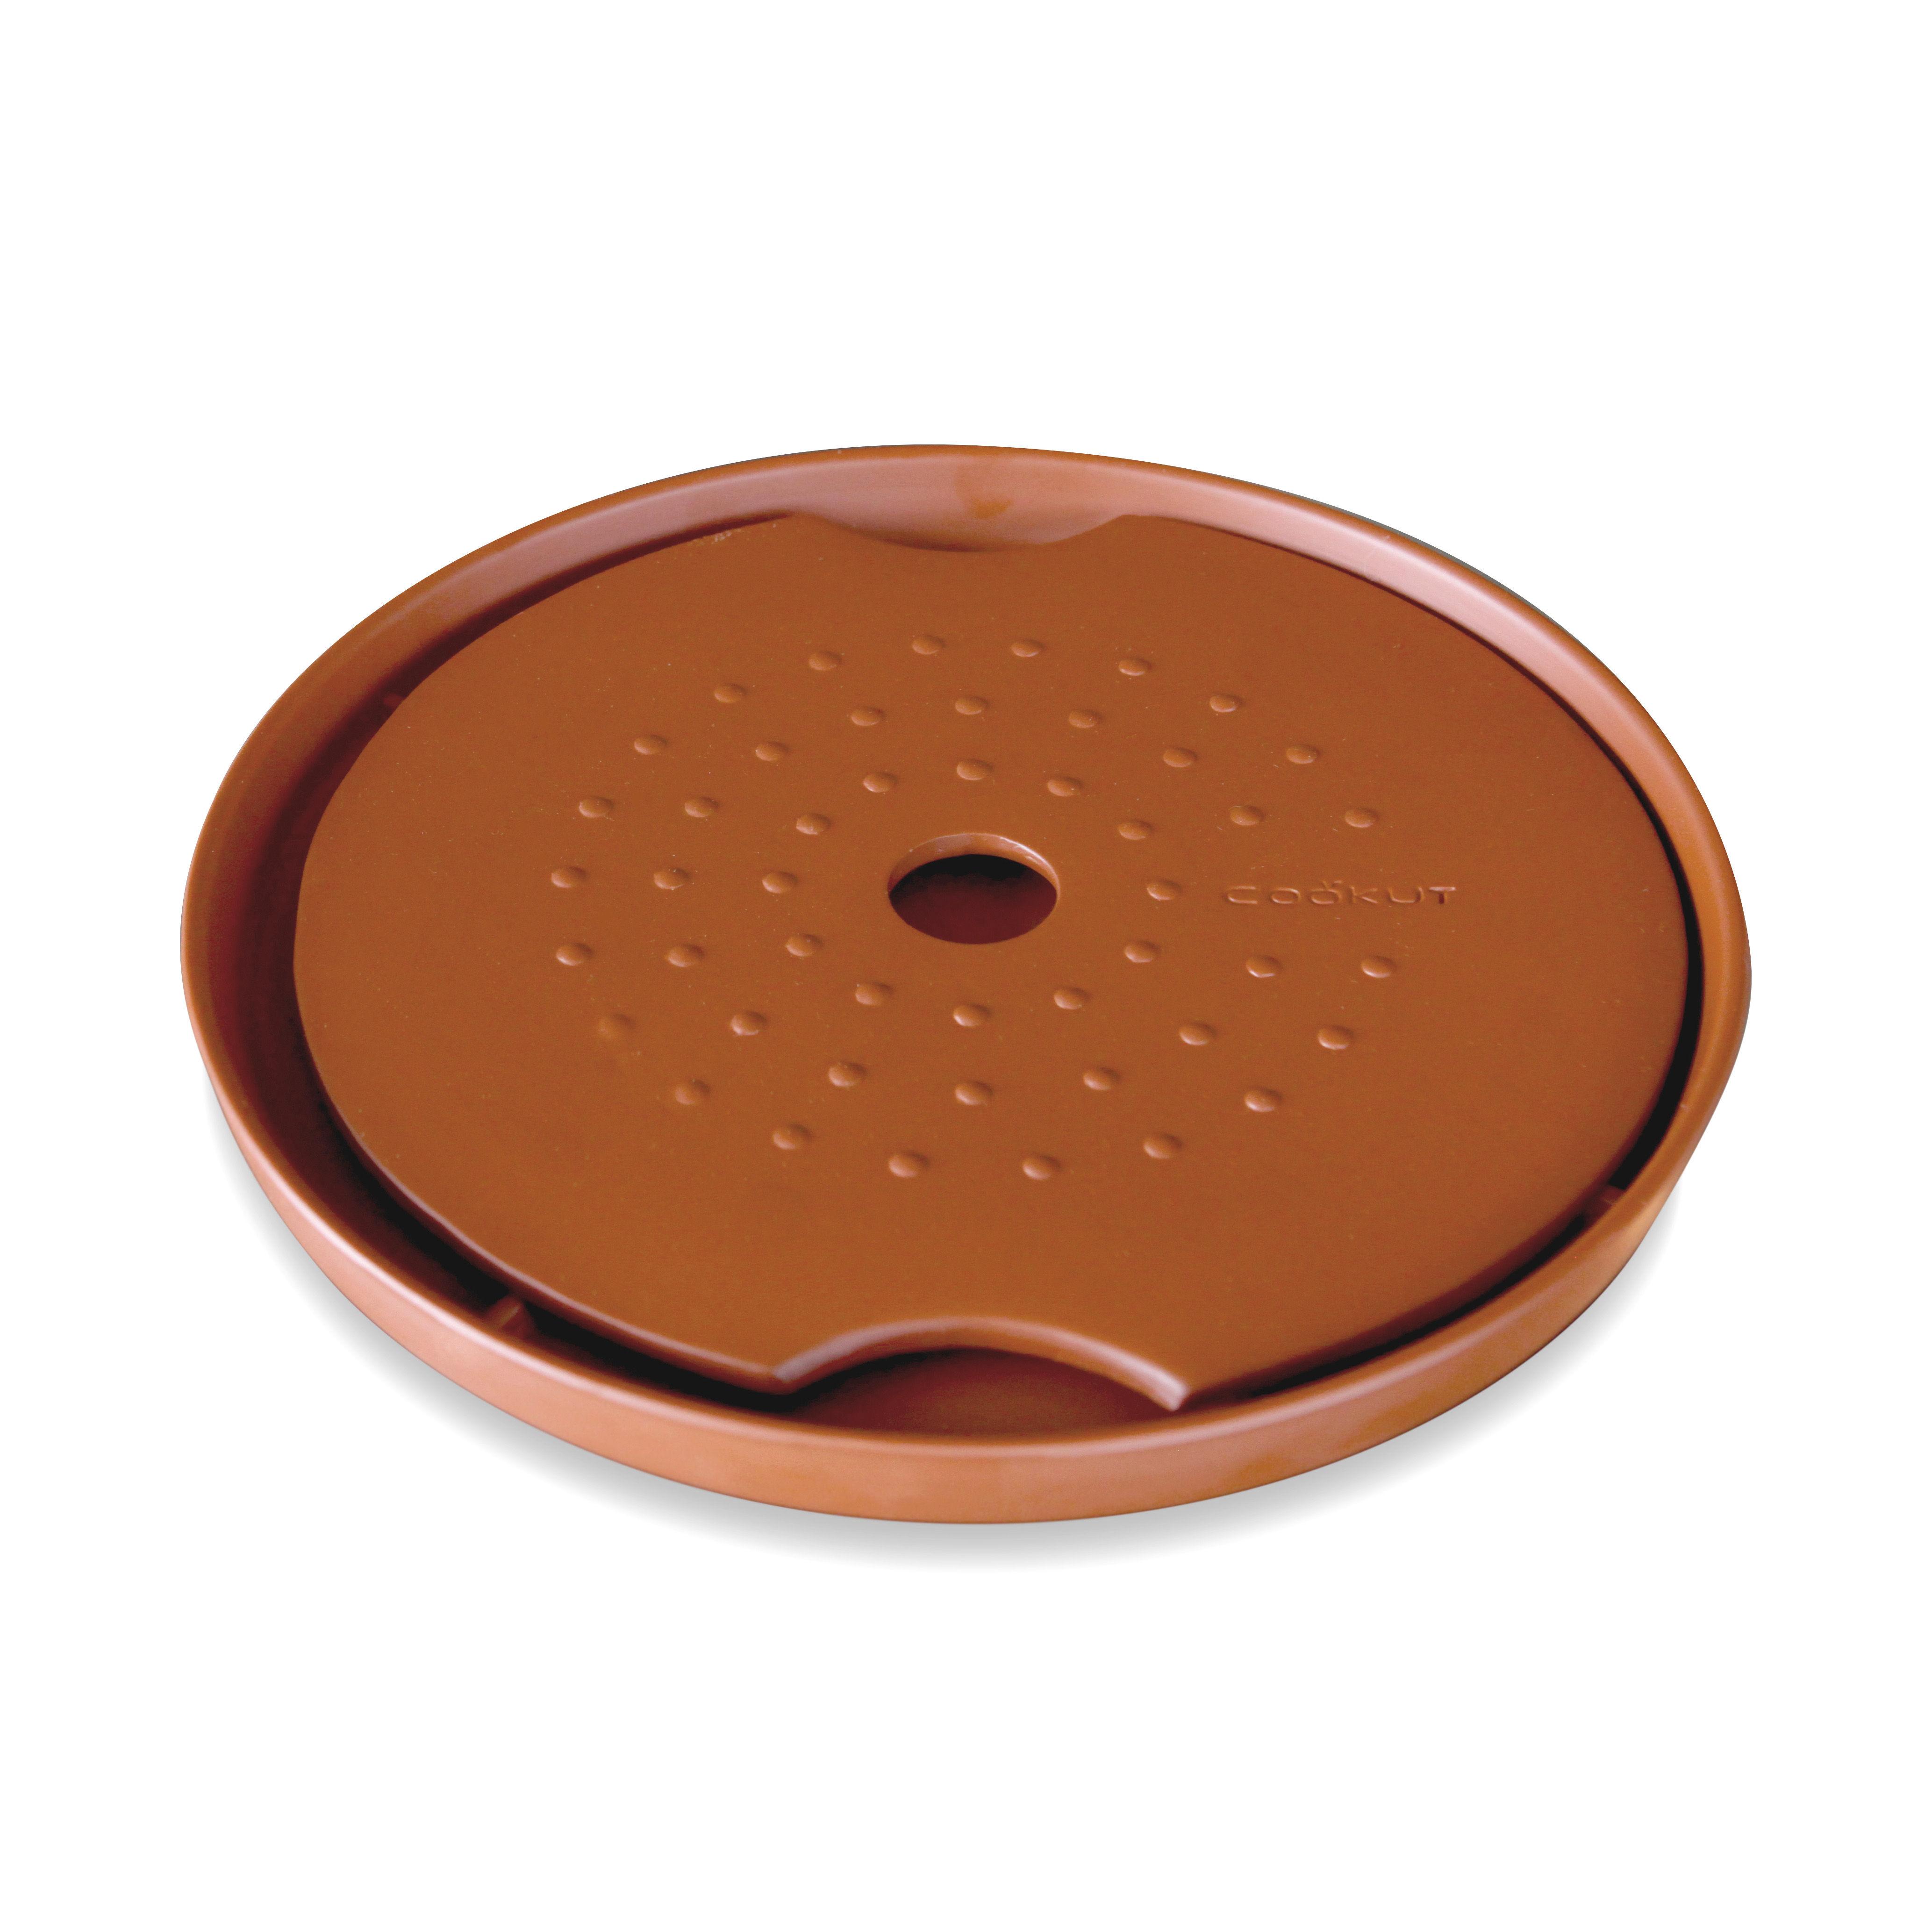 Cuisine - Ustensiles de cuisines - Cuiseur à foie gras CFG / Argile - Ø 29 x H 3 cm - Cookut - Brique - Argile rouge